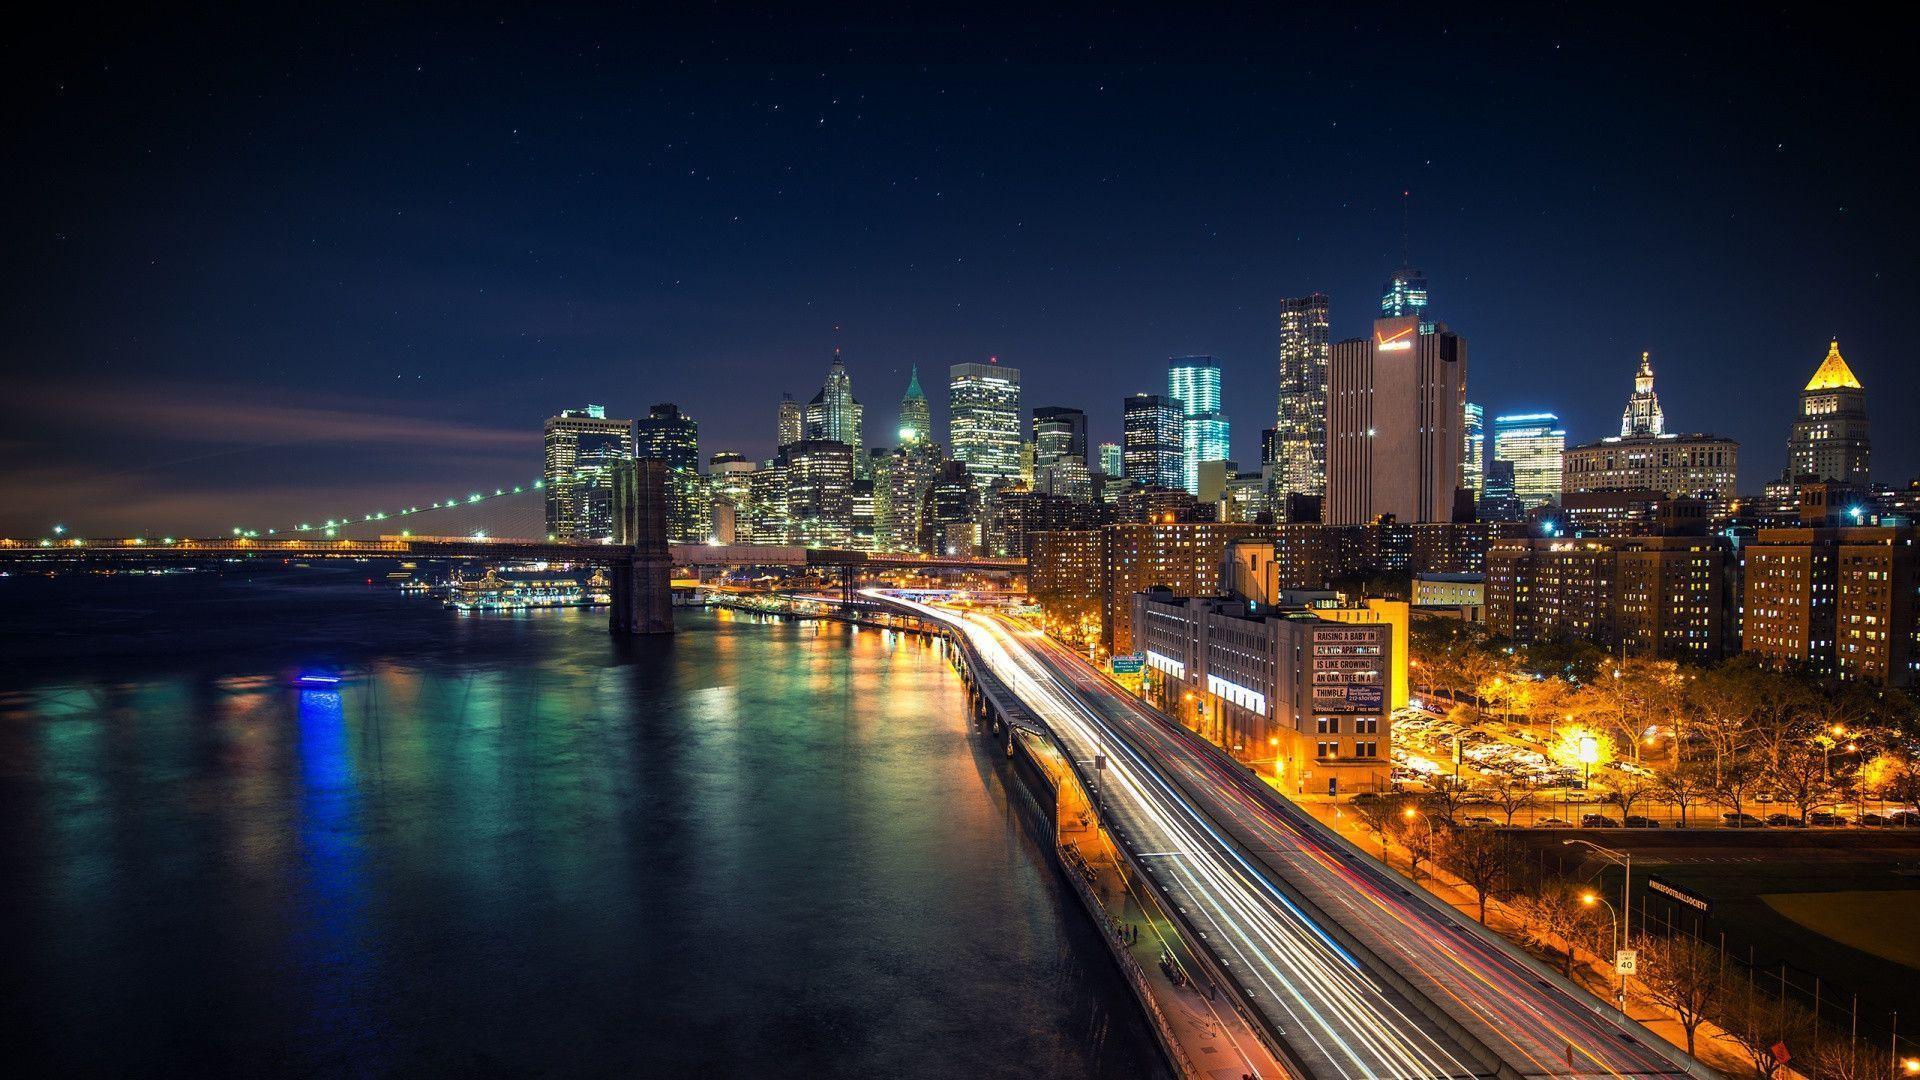 HD WALLPAPERS: Download Hong Kong City HD Wallpapers 1080p